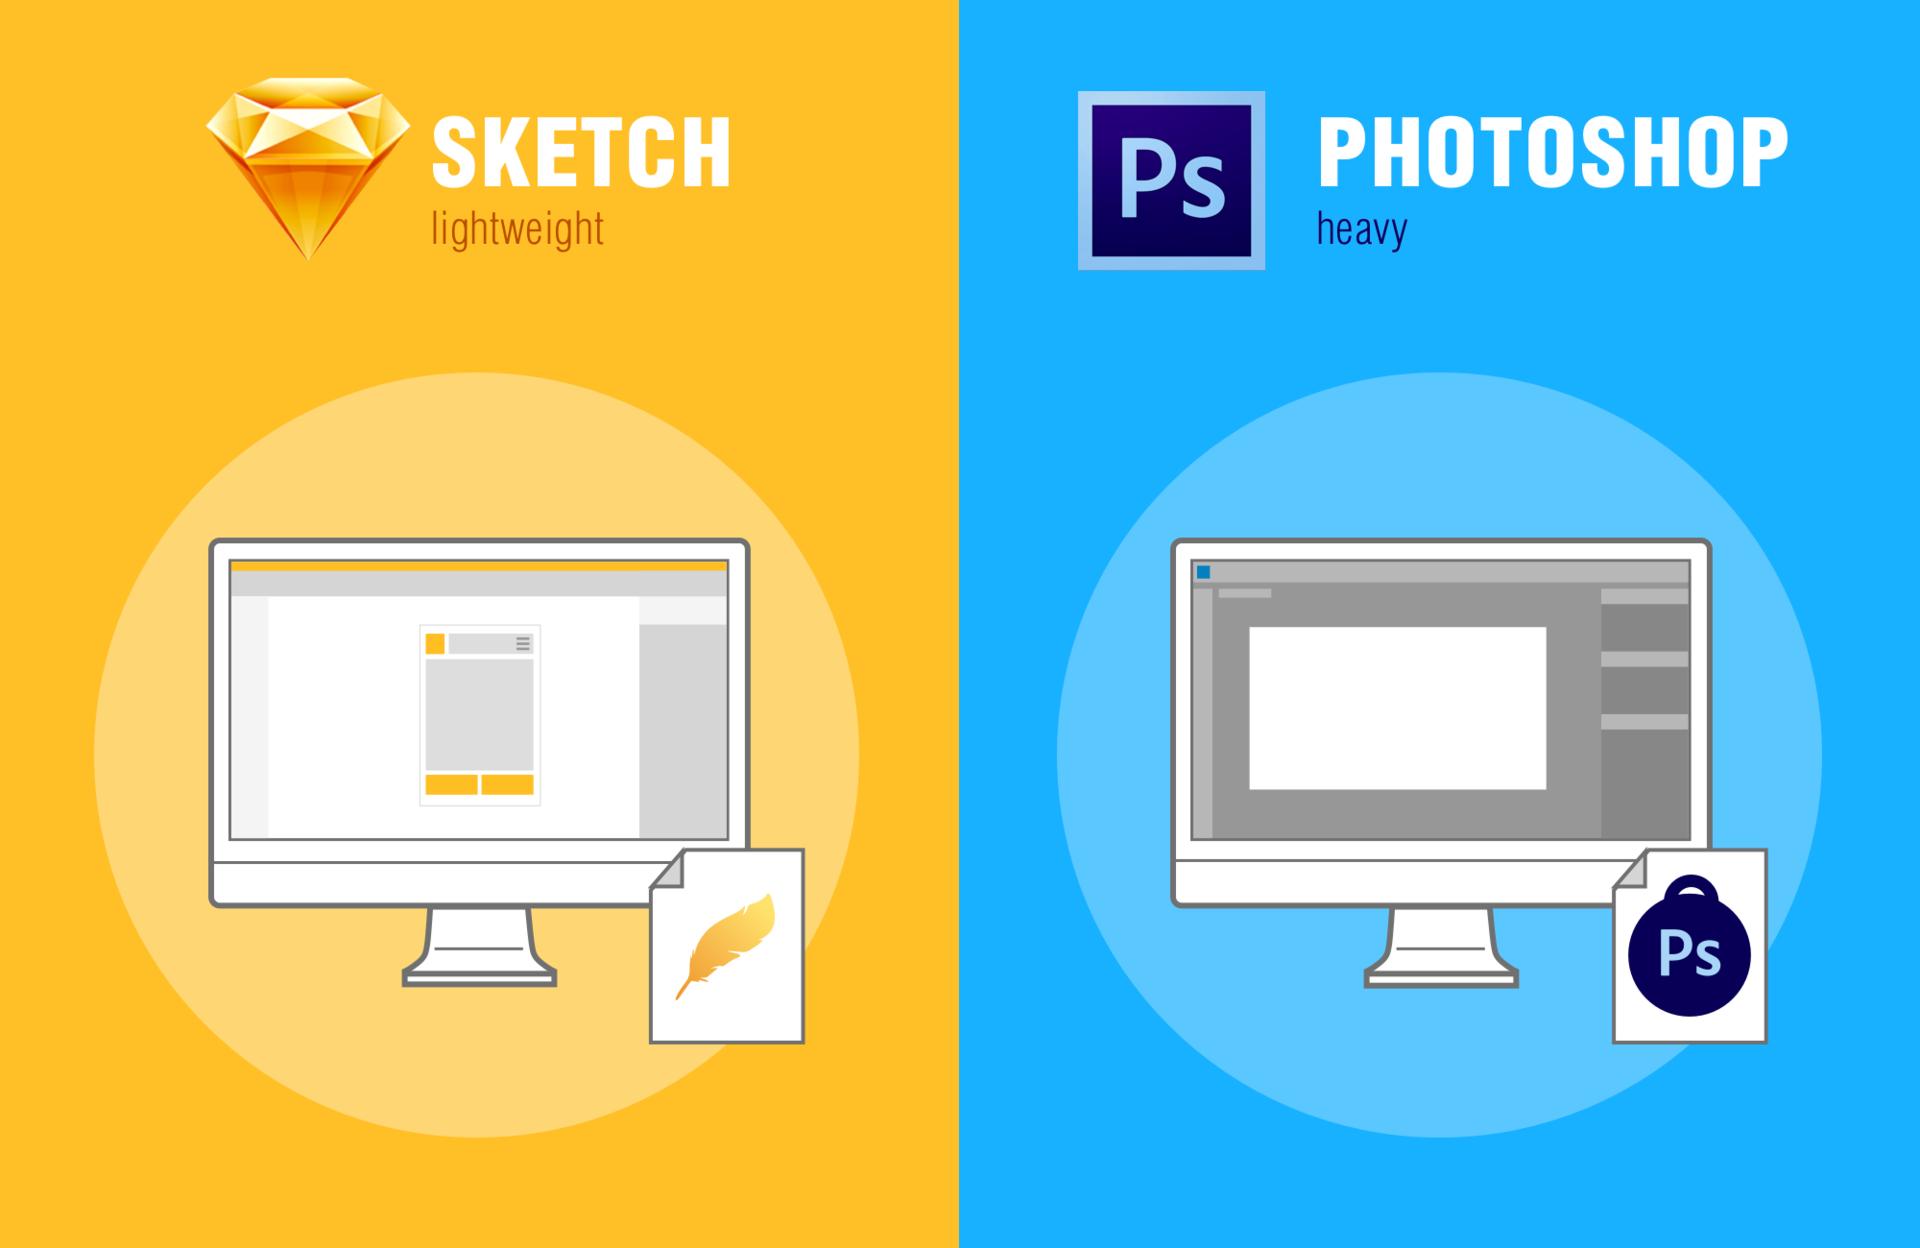 Photoshop, Sketch инструментарий UI-UX-дизайнеров: что выбрать для разработки интерфейсов? - 5